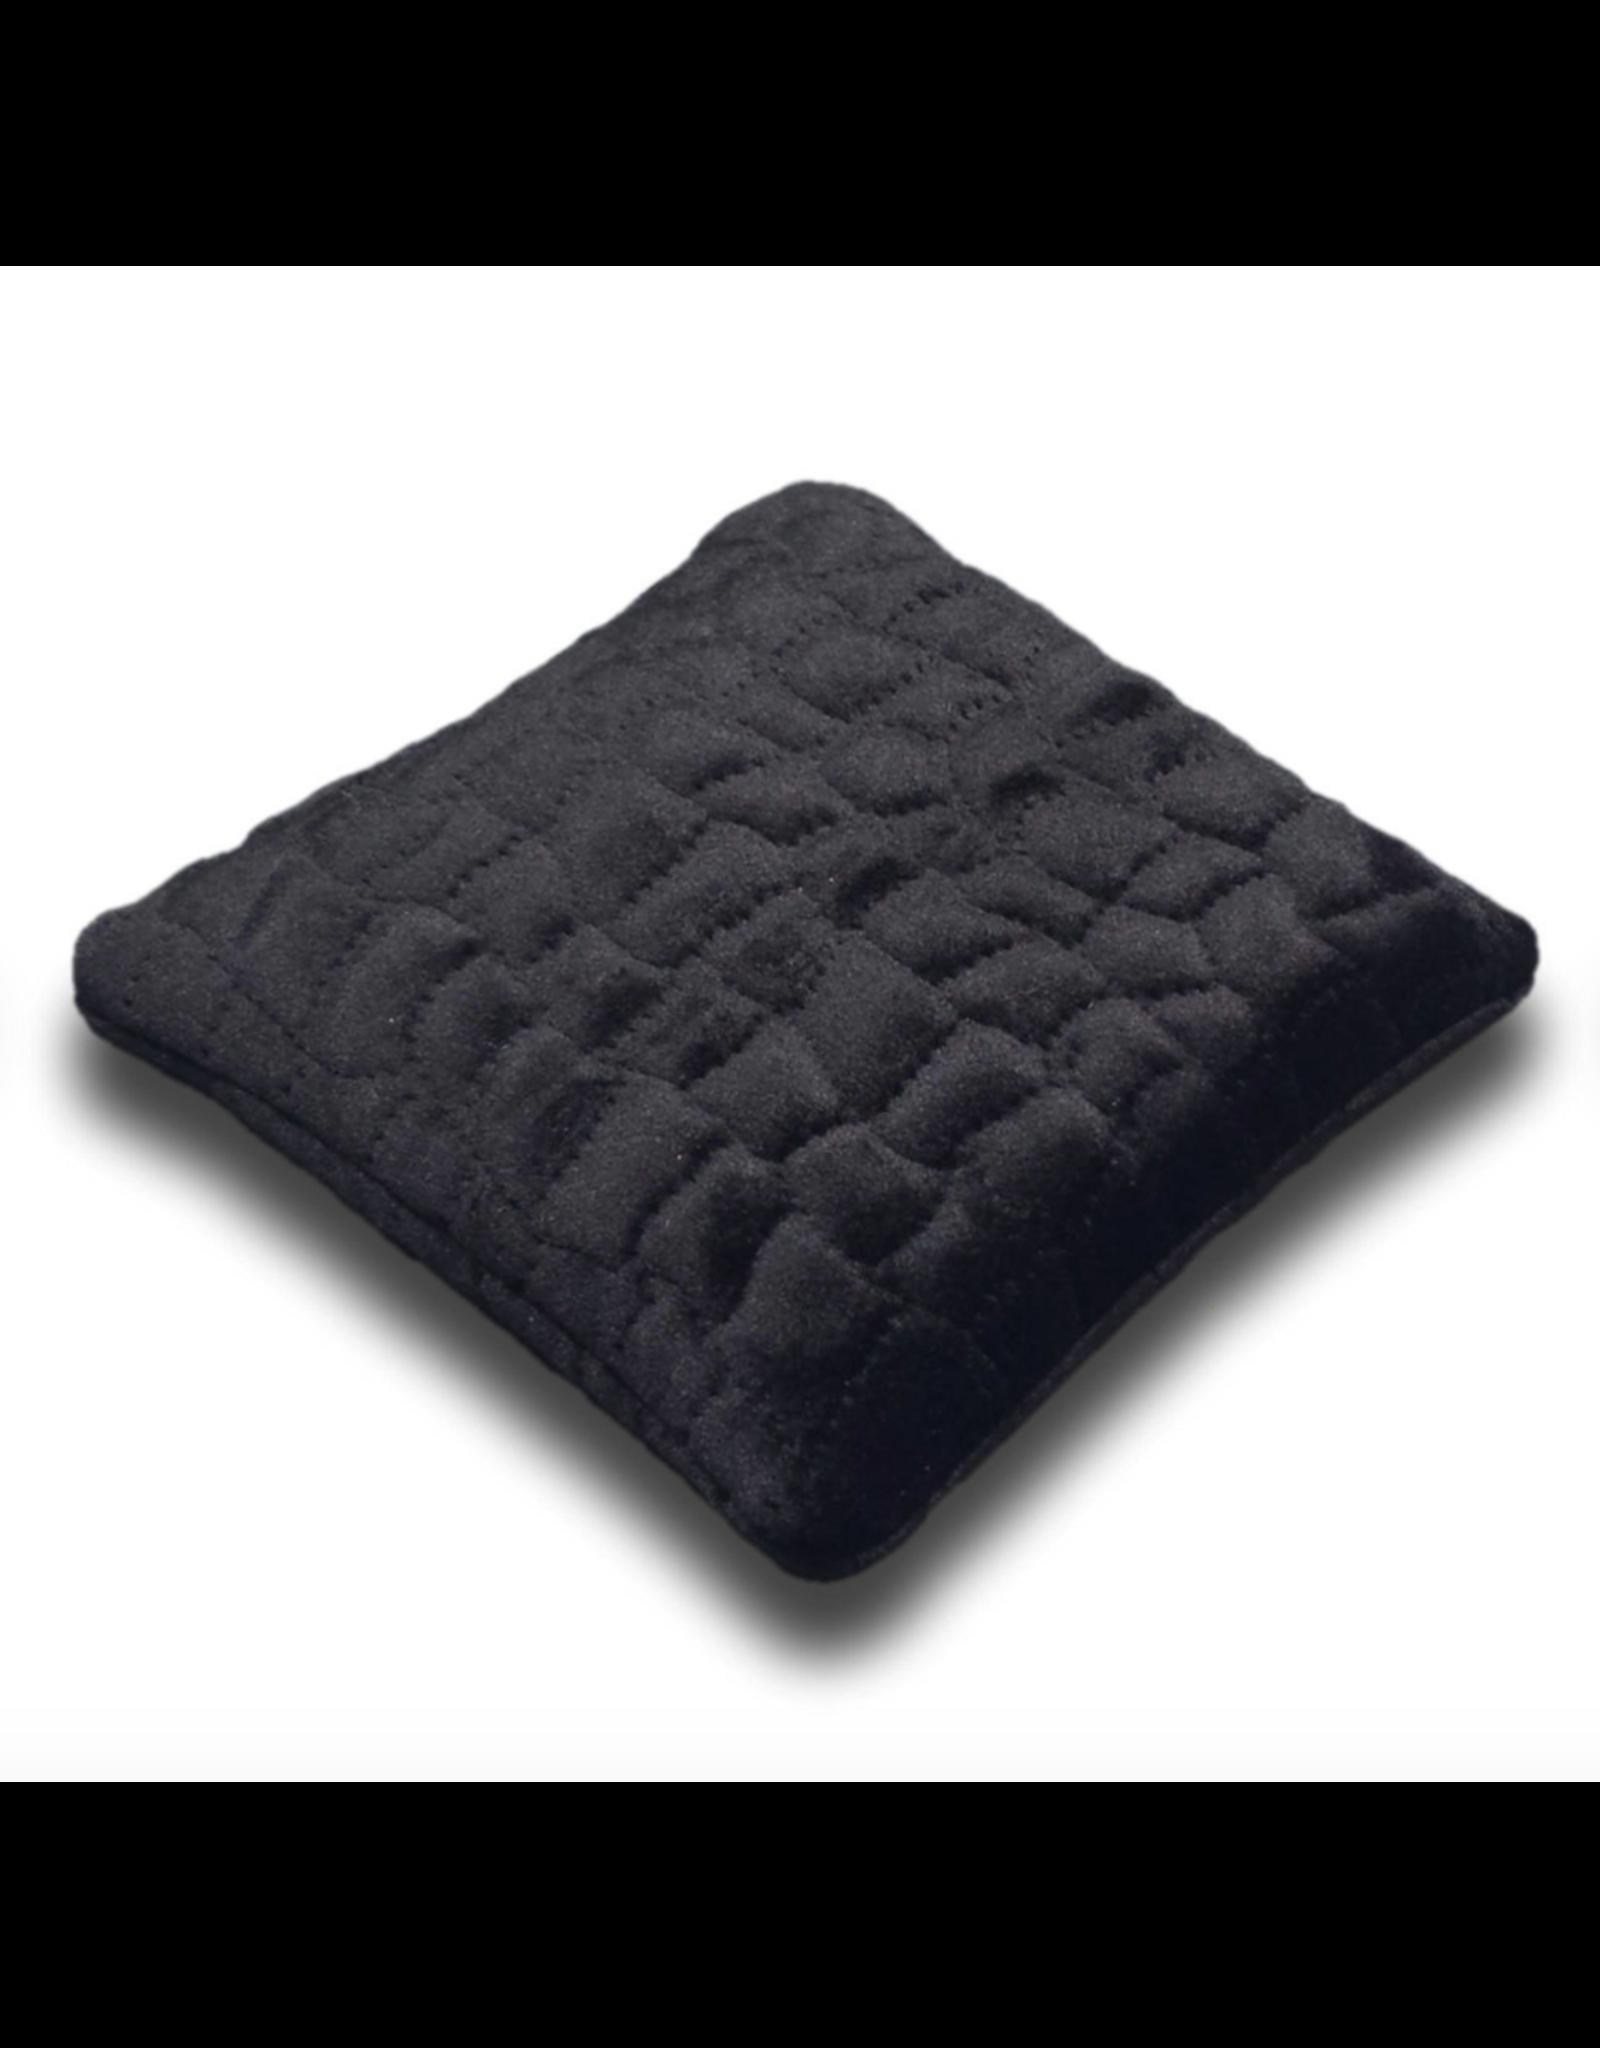 Black Velvet Crystal Pillow - Medium